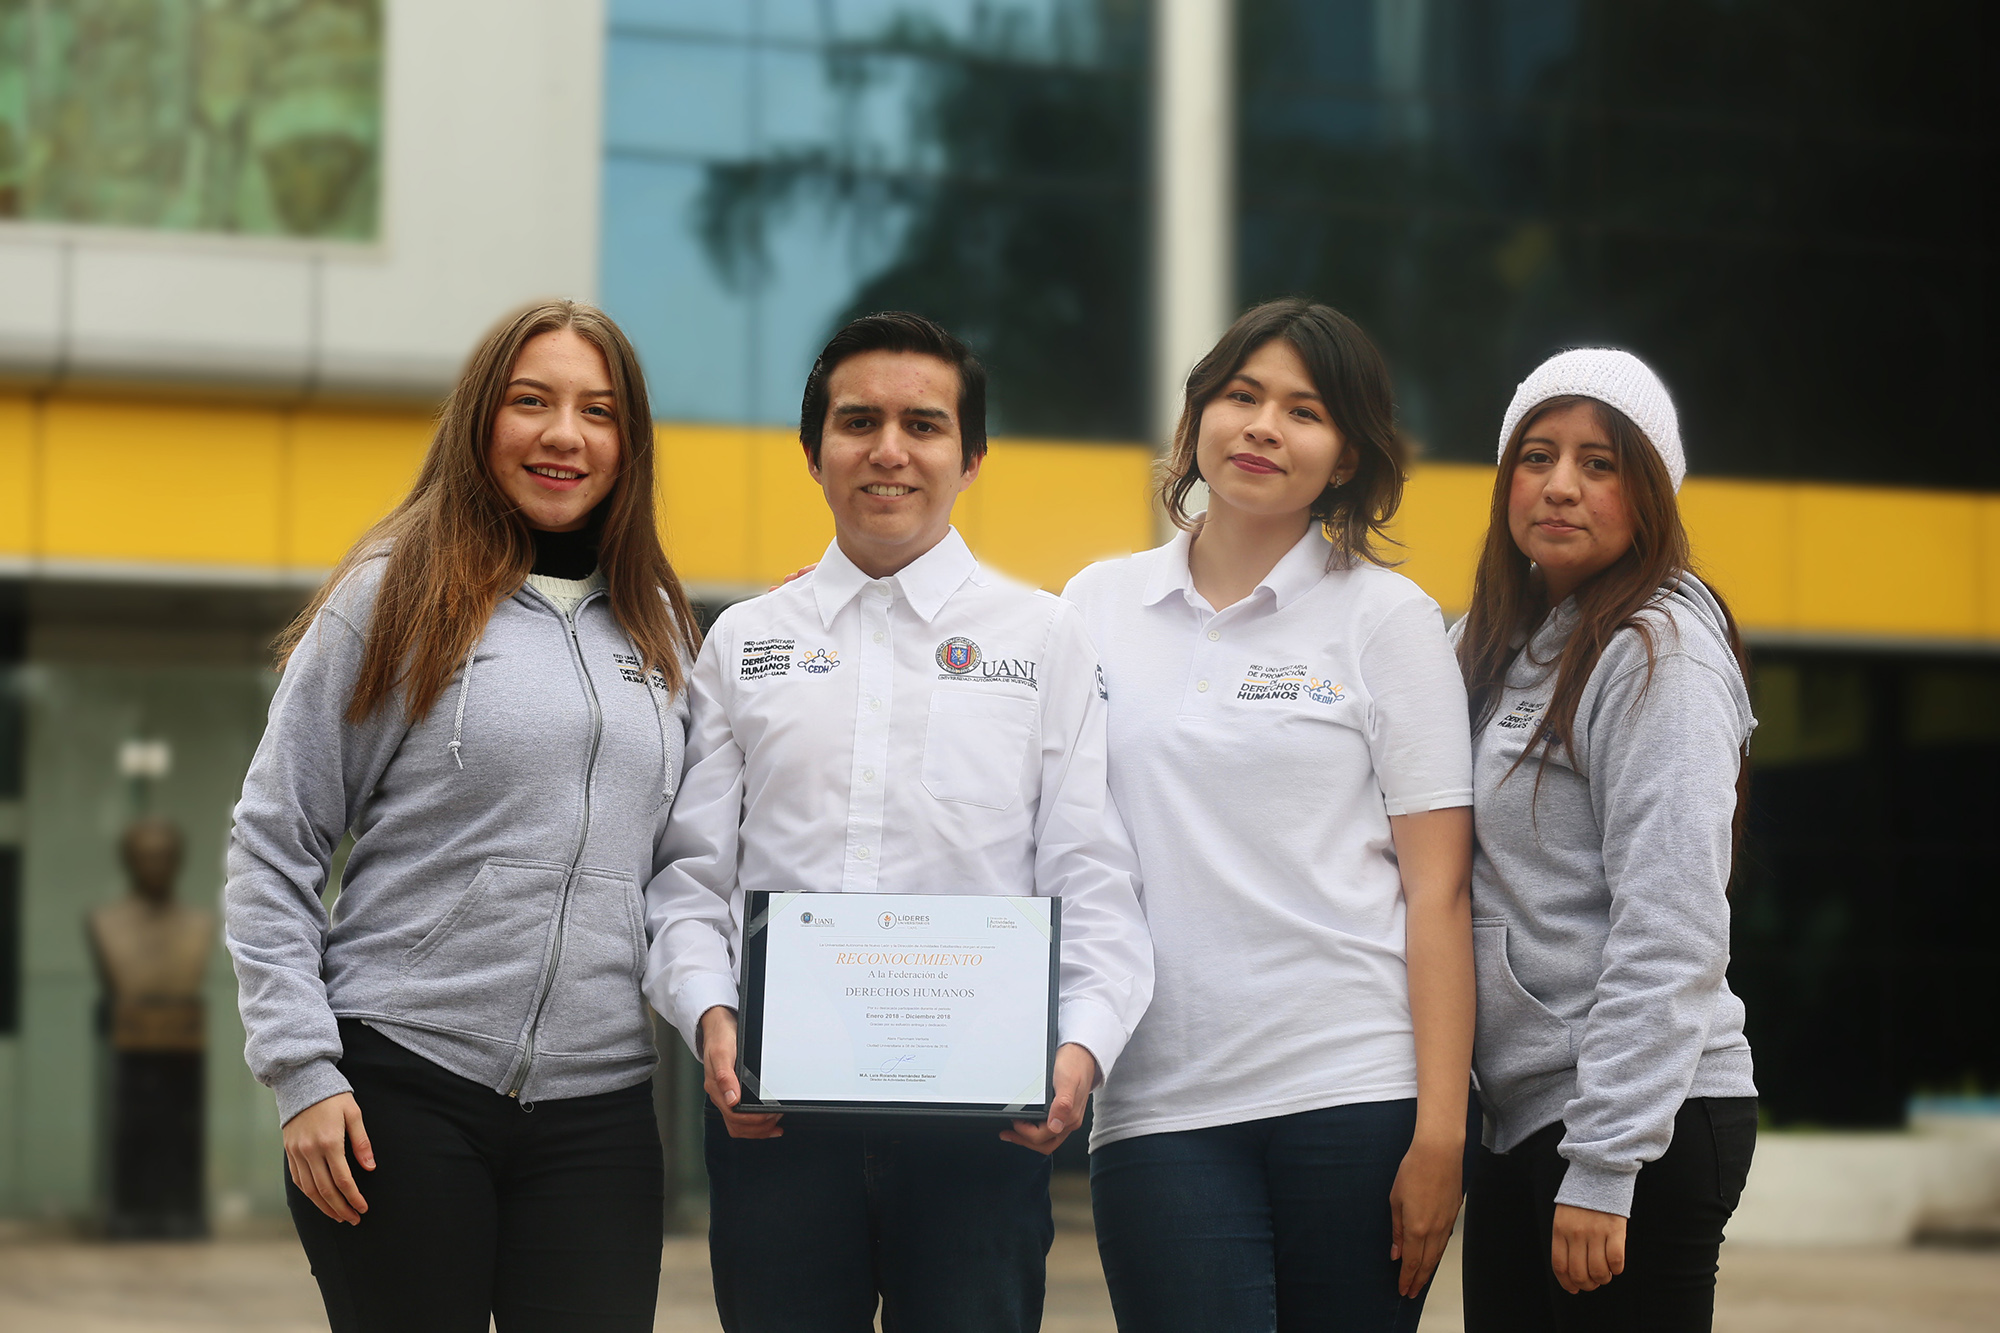 Estudiantes de la UANL promueven derechos humanos